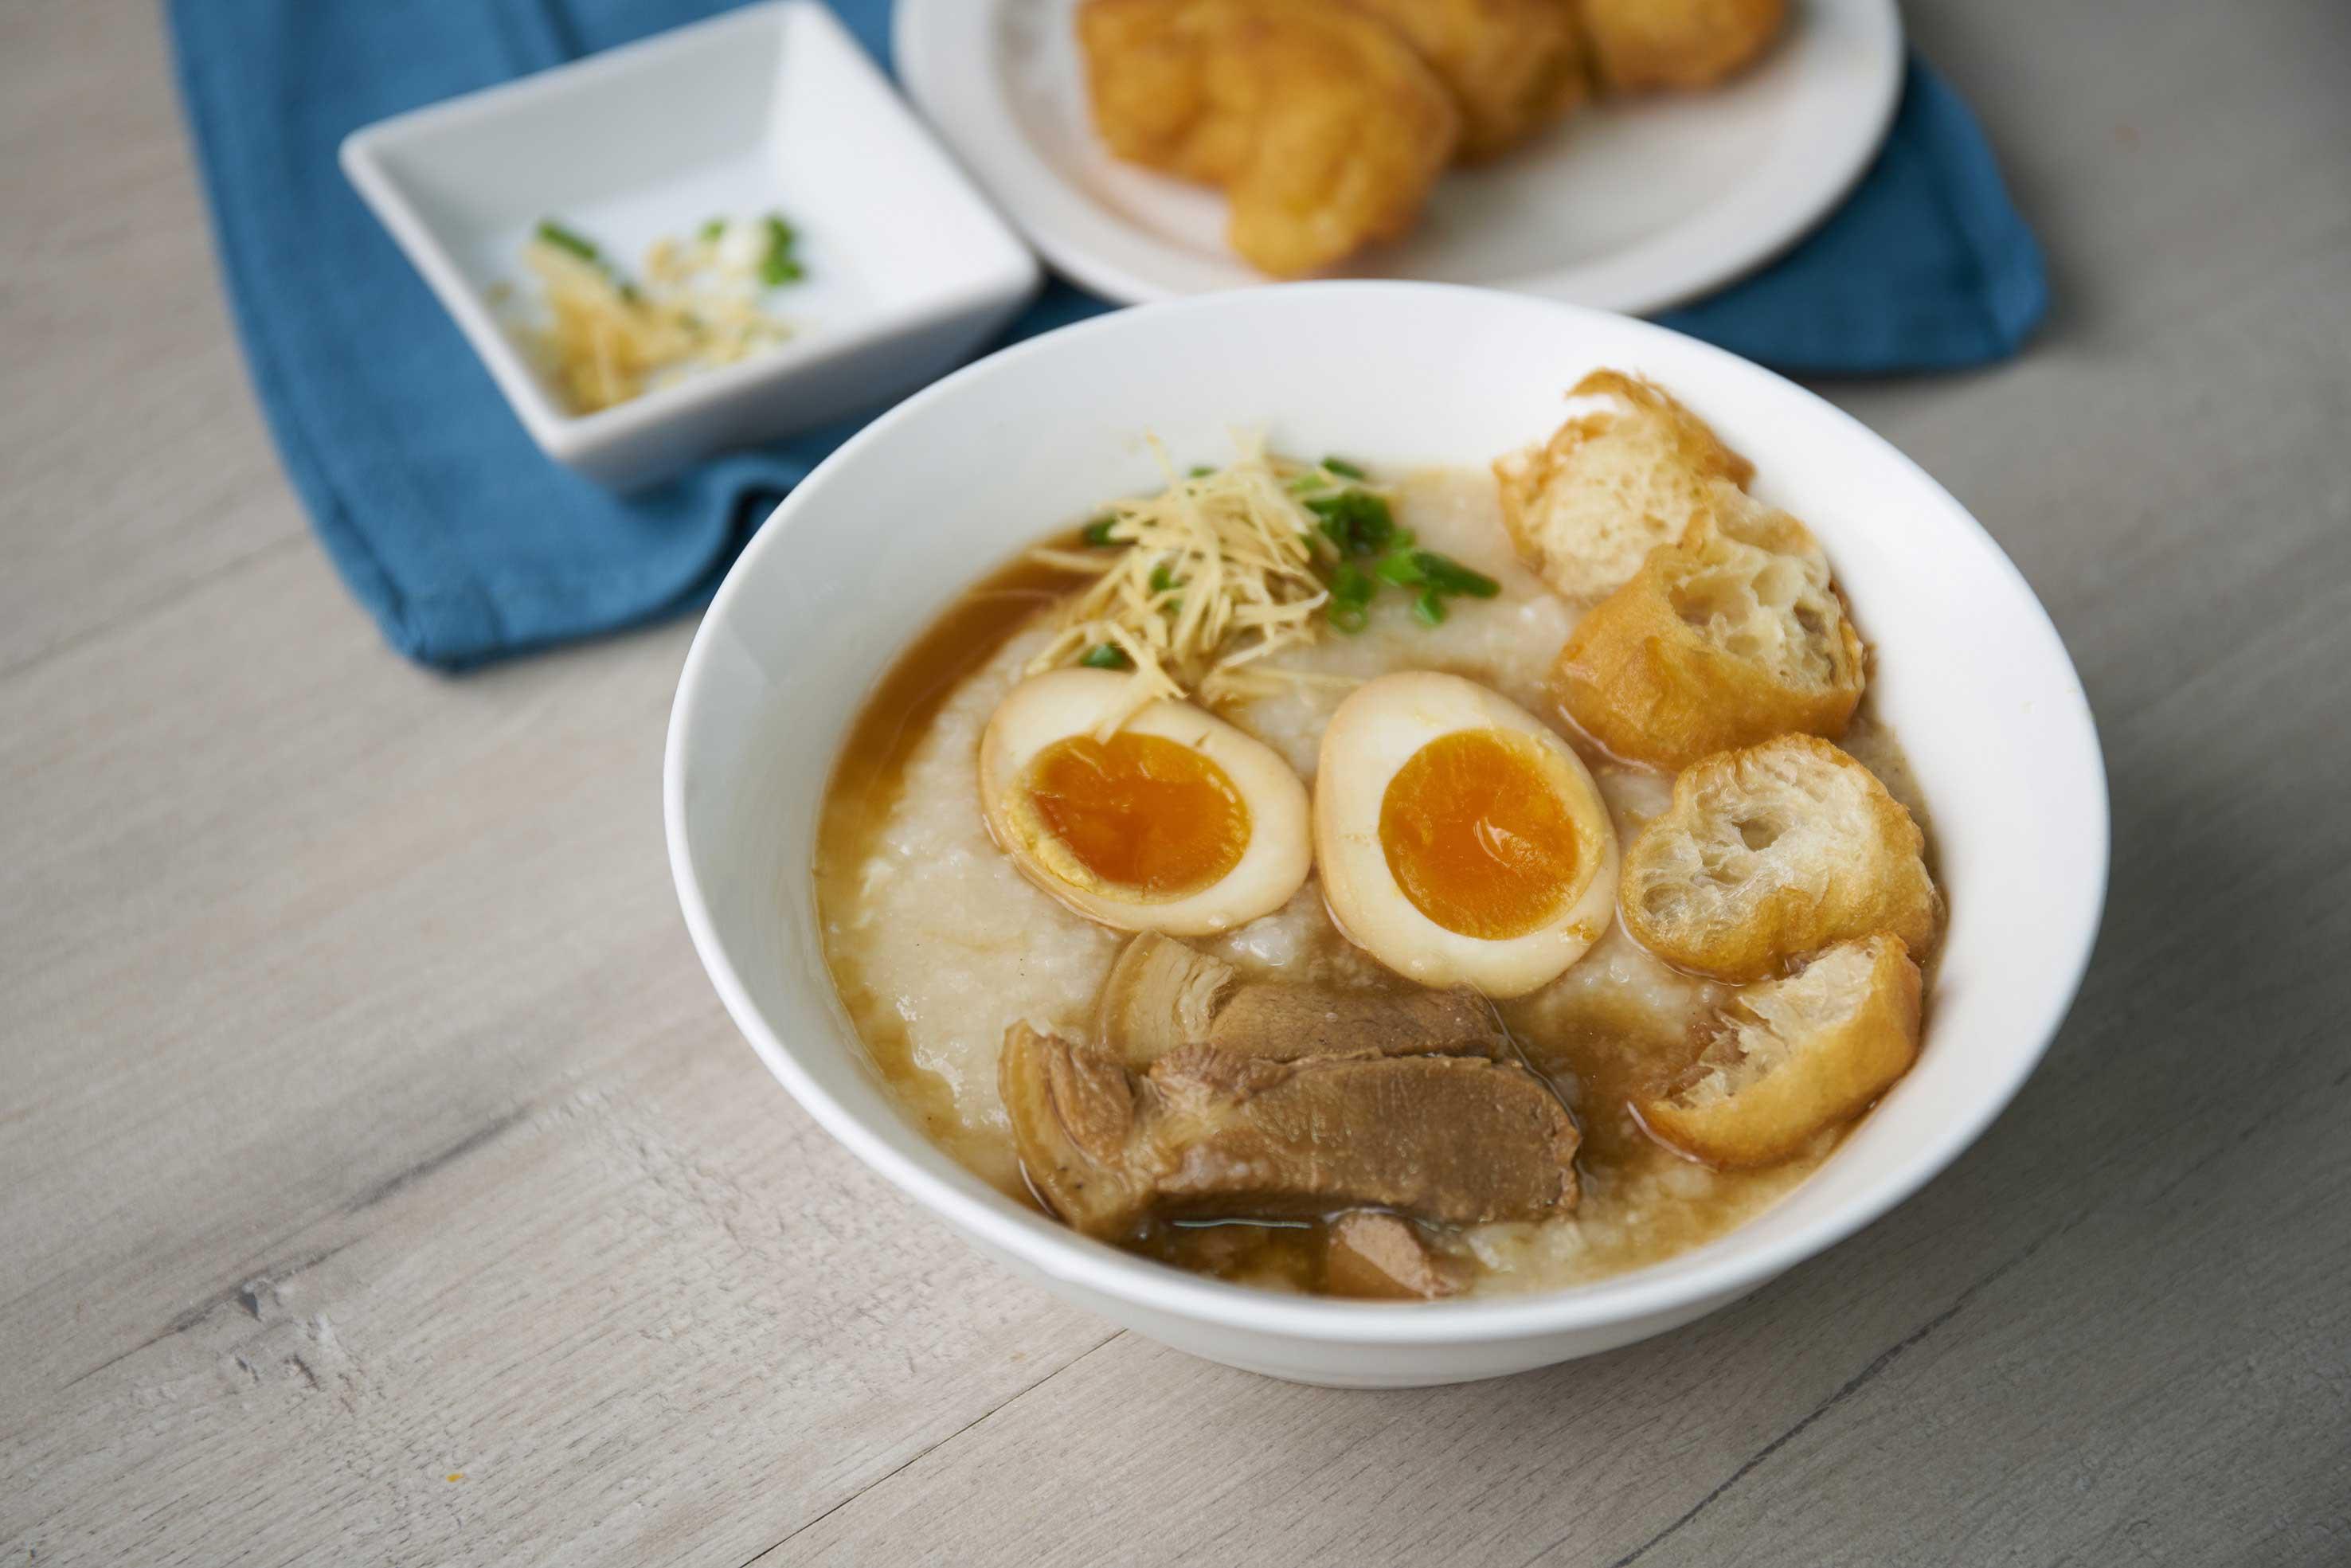 โจ๊กไข่พะโล้ยางมะตูมหมูดำคูโรบูตะ